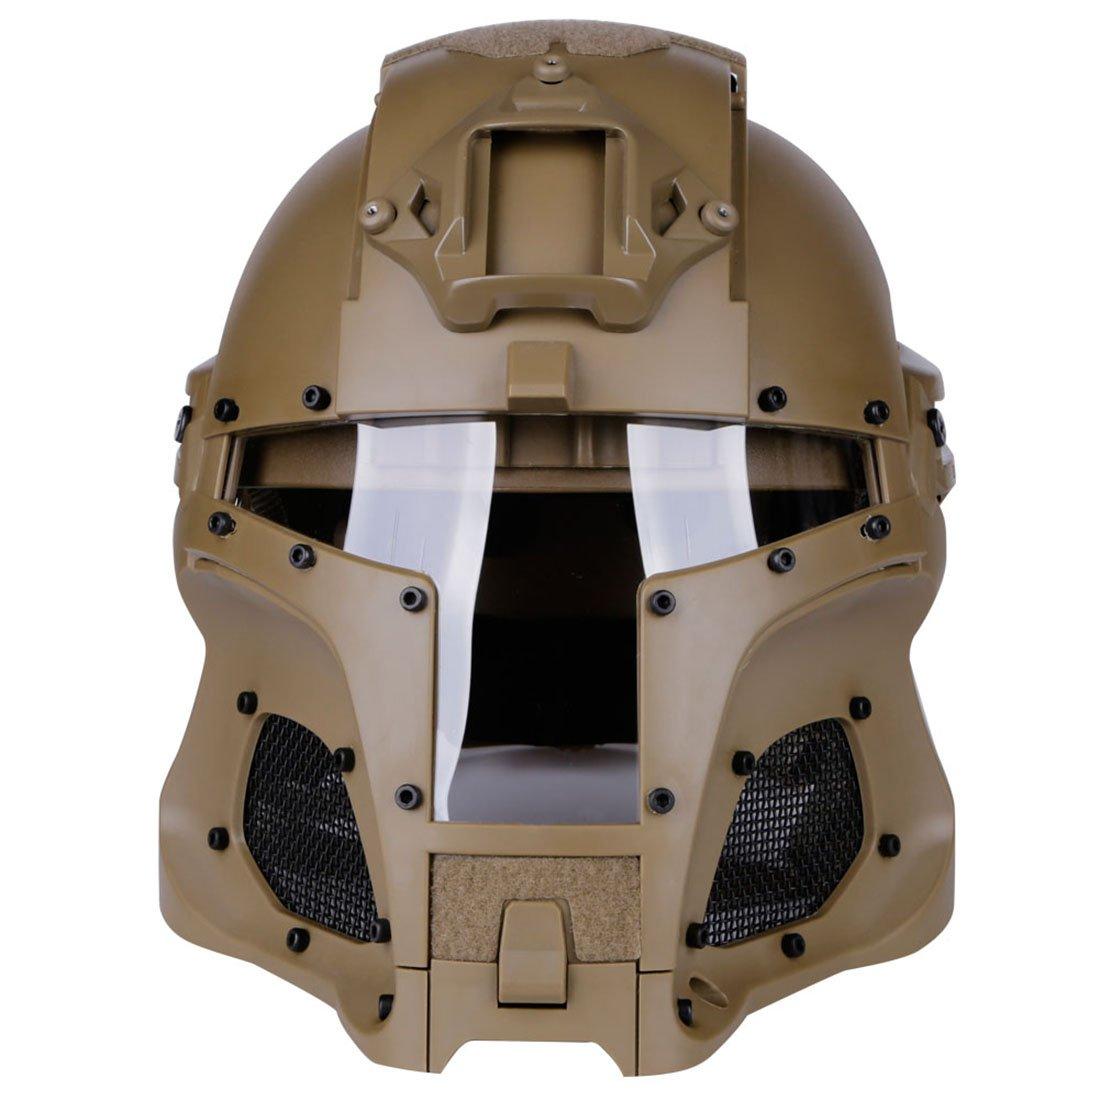 Reducción de precio MRKE Completa Tactico Airsoft Mascara Casco y Gafas Excelente Protección para Airsoft Nerf Paintball CS - para 14+ Años - para Circunferencia de la Cabeza 54-64CM (Tan)